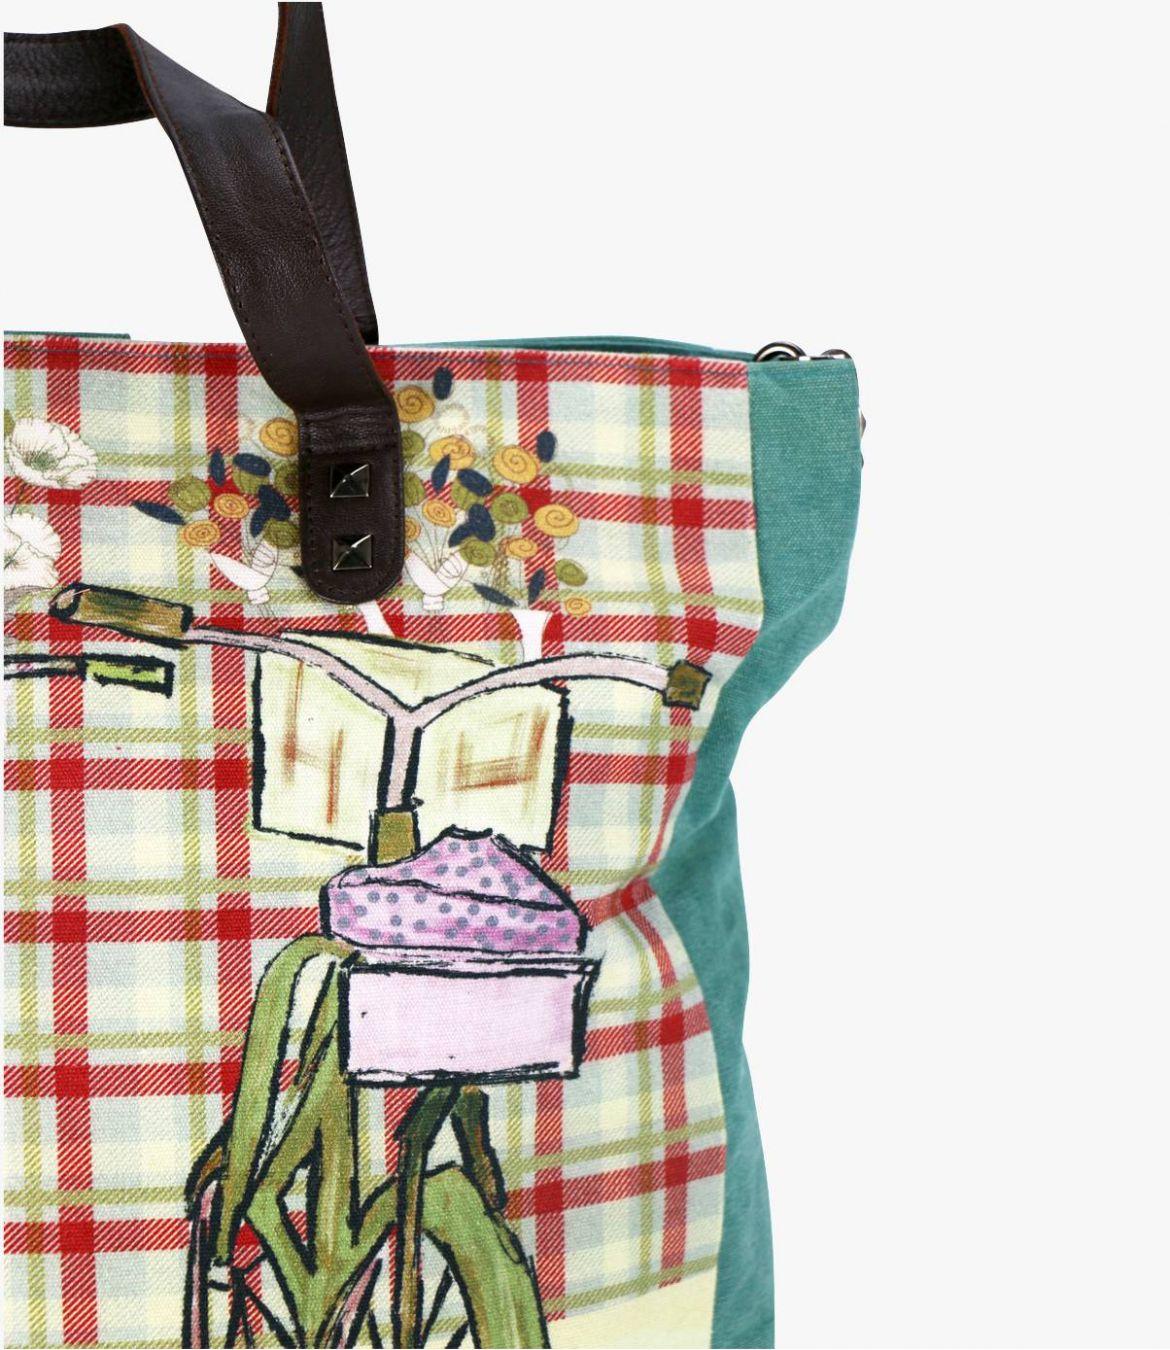 HAPPY - GAMME VOYAGE Sac en Coton pour Femme 38x36x10/15cm Storiatipic - 6